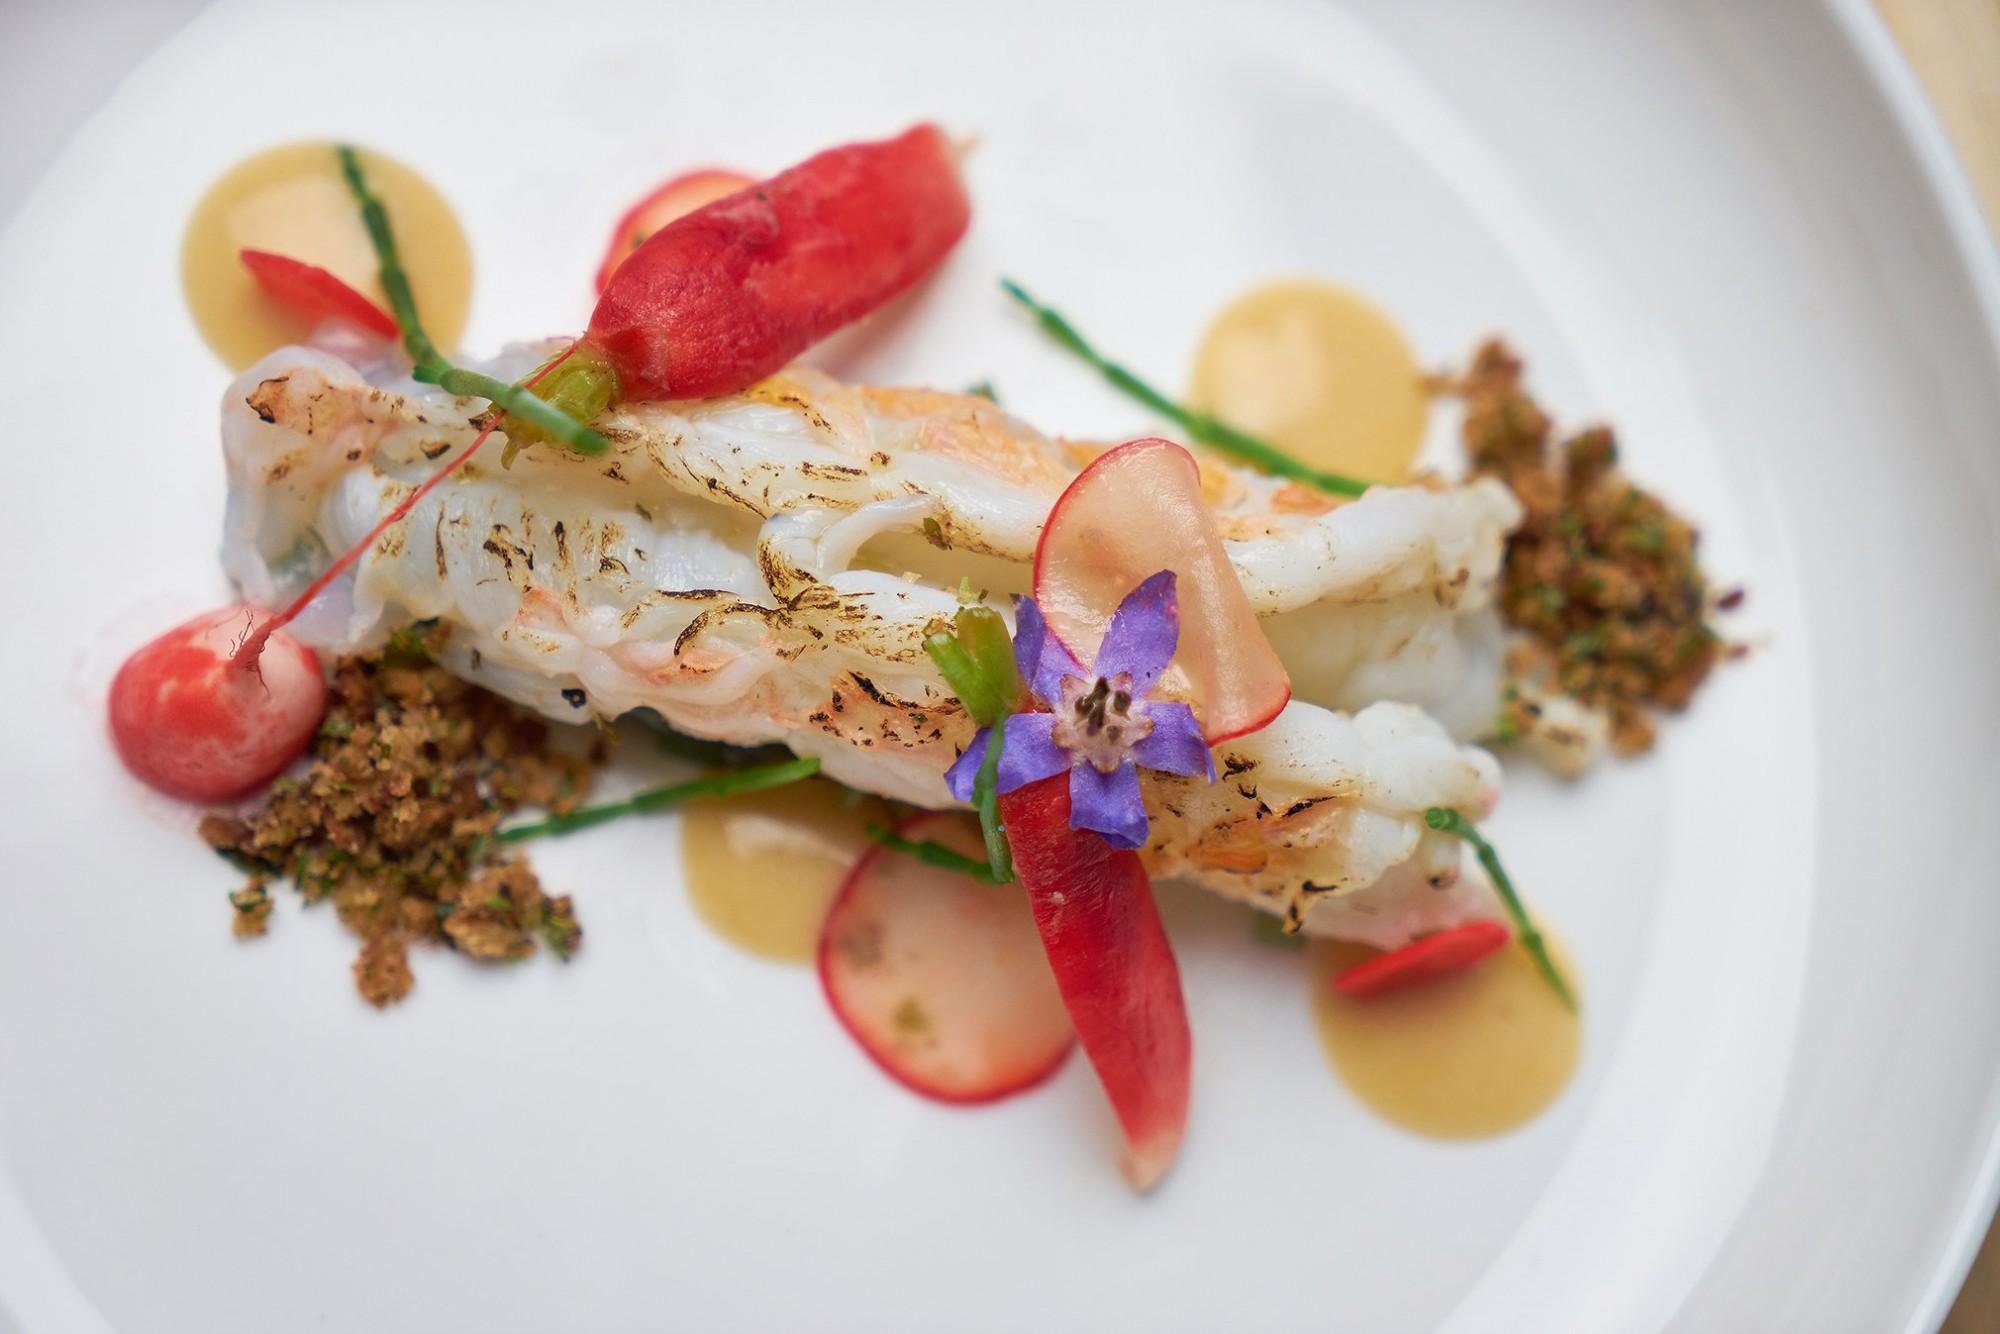 Afbeelding: Food fotografie gerechten op locatie.